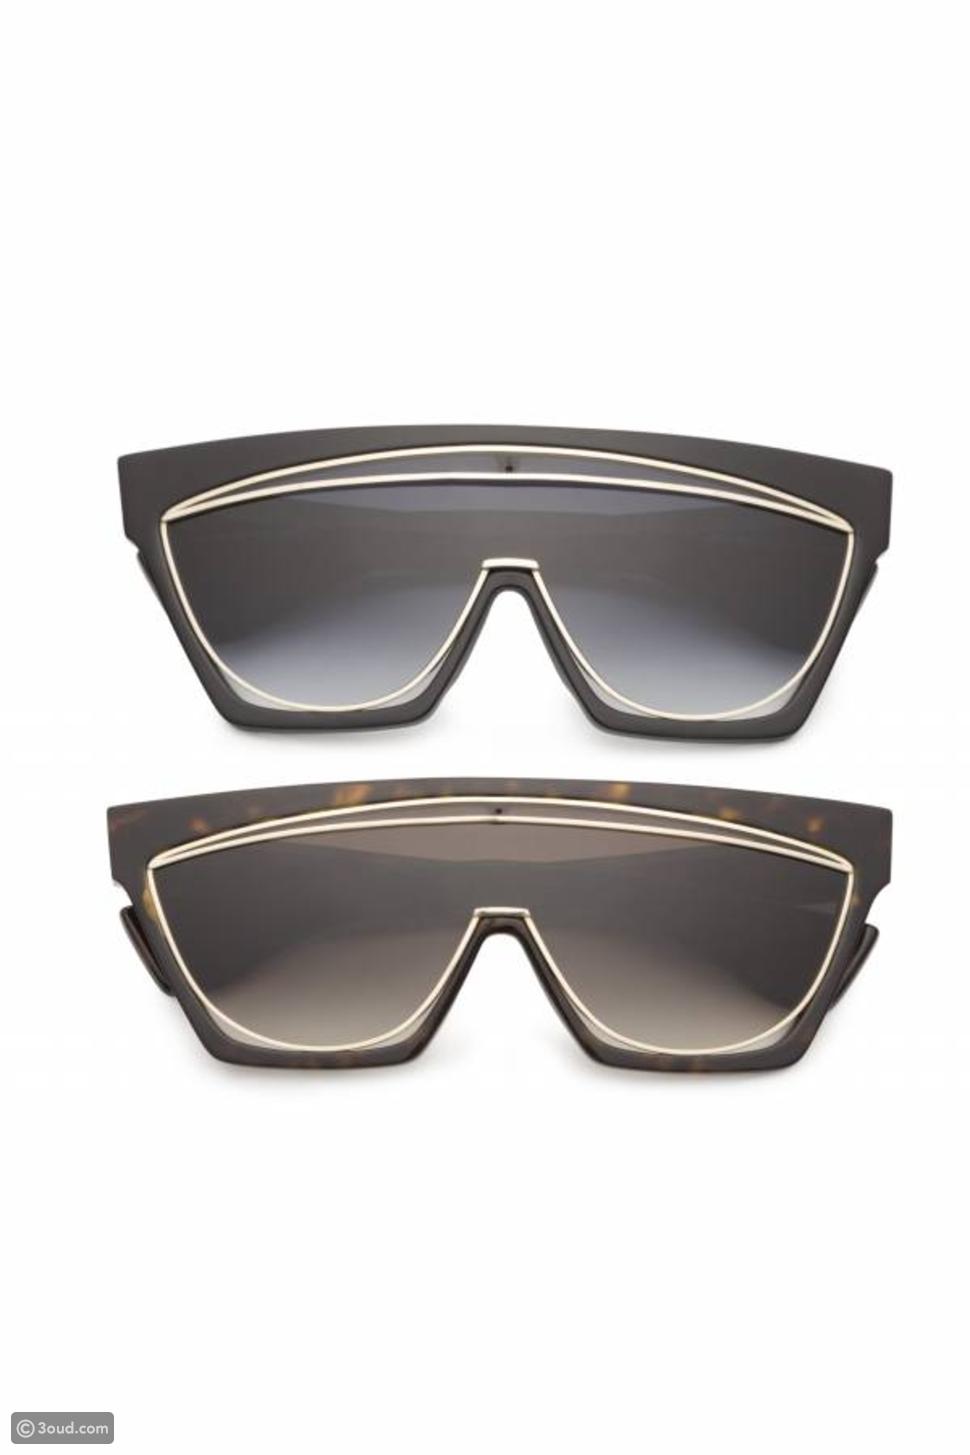 البلوغرز الإسبانيات يشاركن في إطلاق لويفي لنظاراتها الجديدة على شواطئ